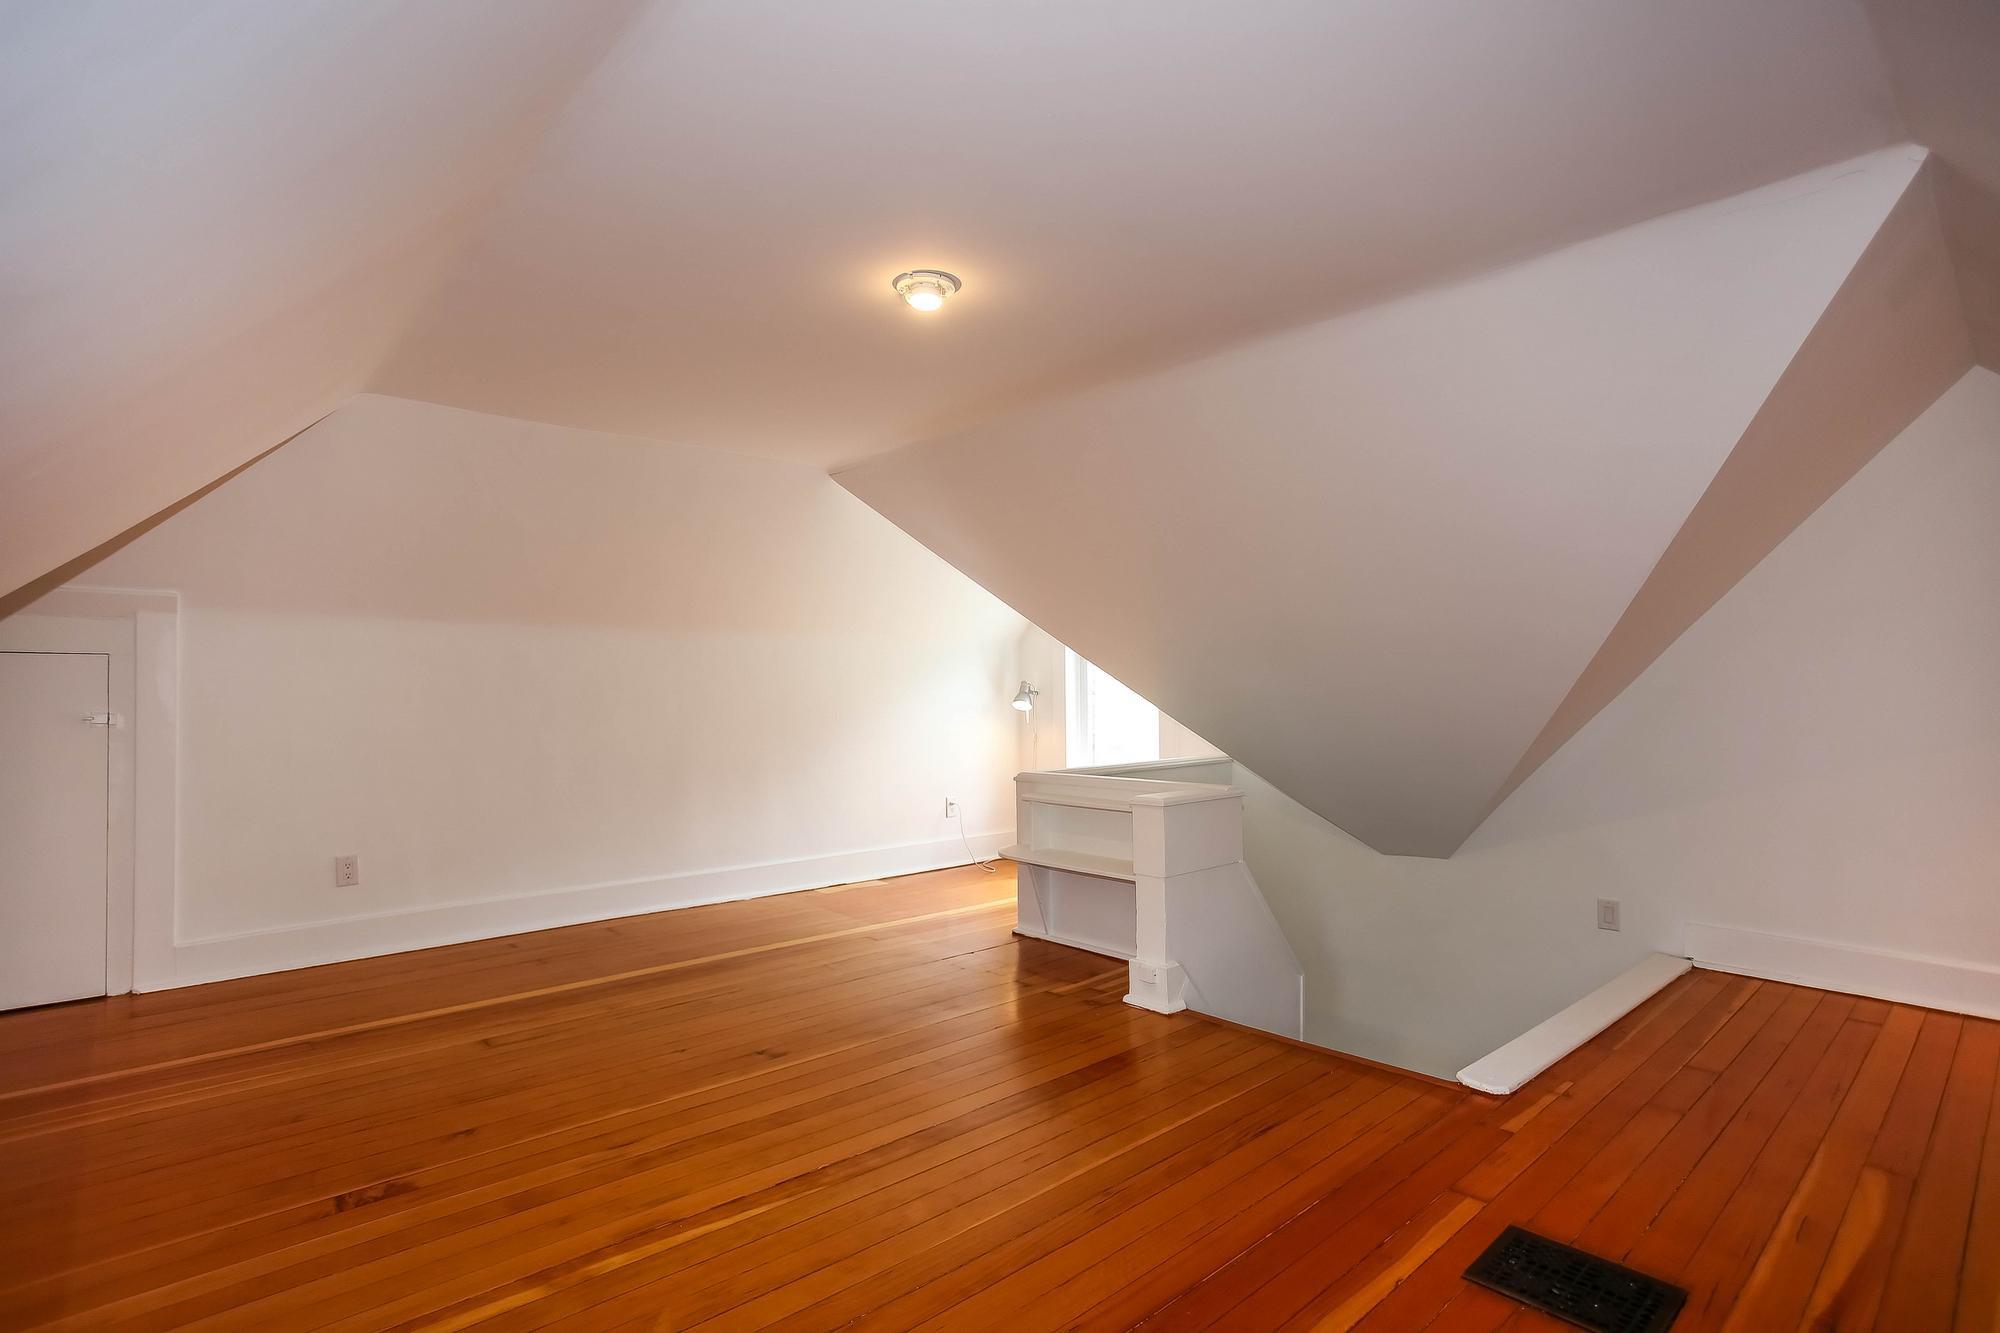 Photo 35: Photos: 108 LENORE Street in Winnipeg: Wolseley Single Family Detached for sale (5B)  : MLS®# 202013079